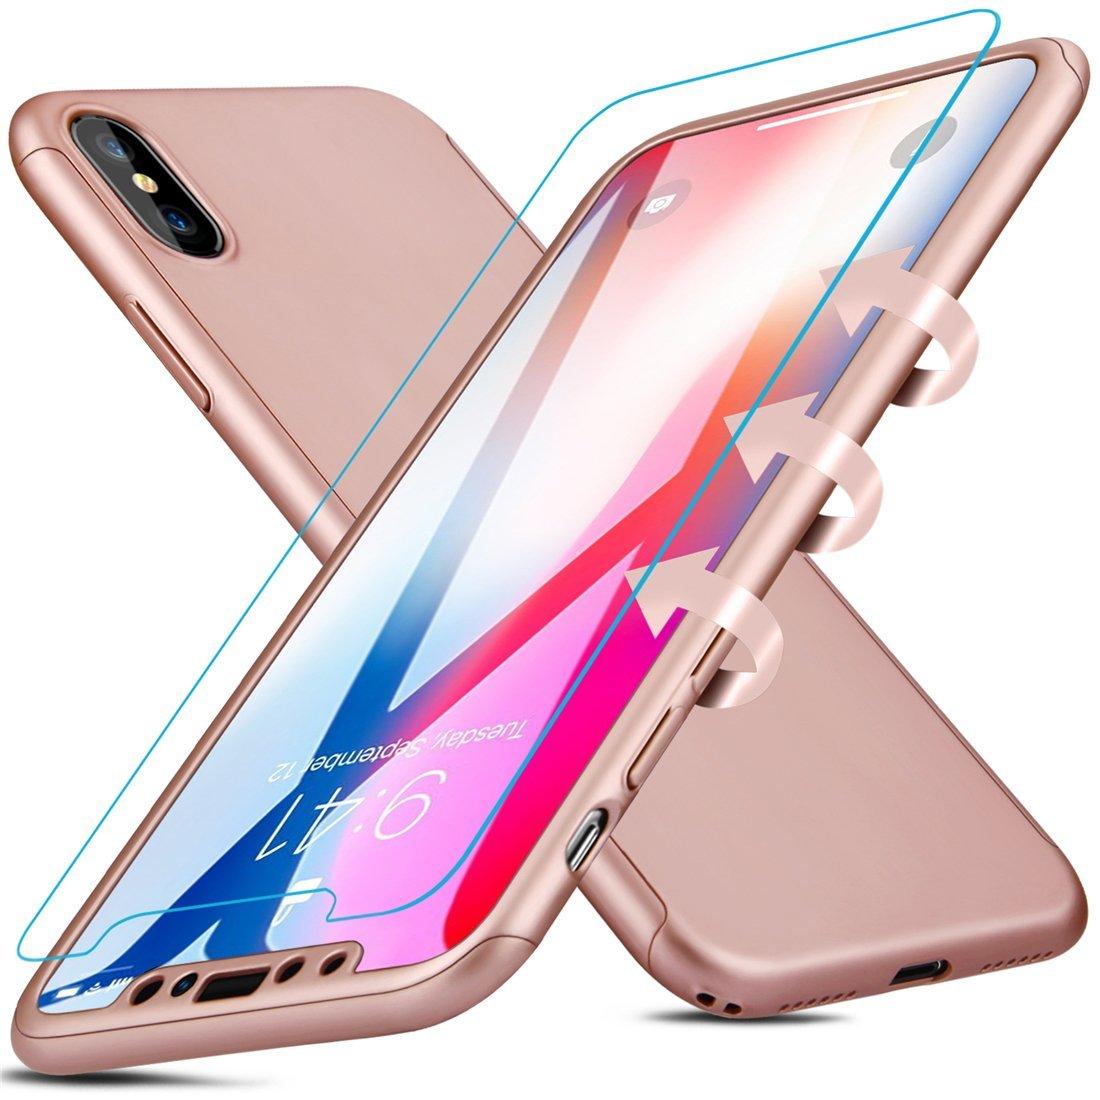 Coque Iphone X intégrale 360° rose + film en verre trempé